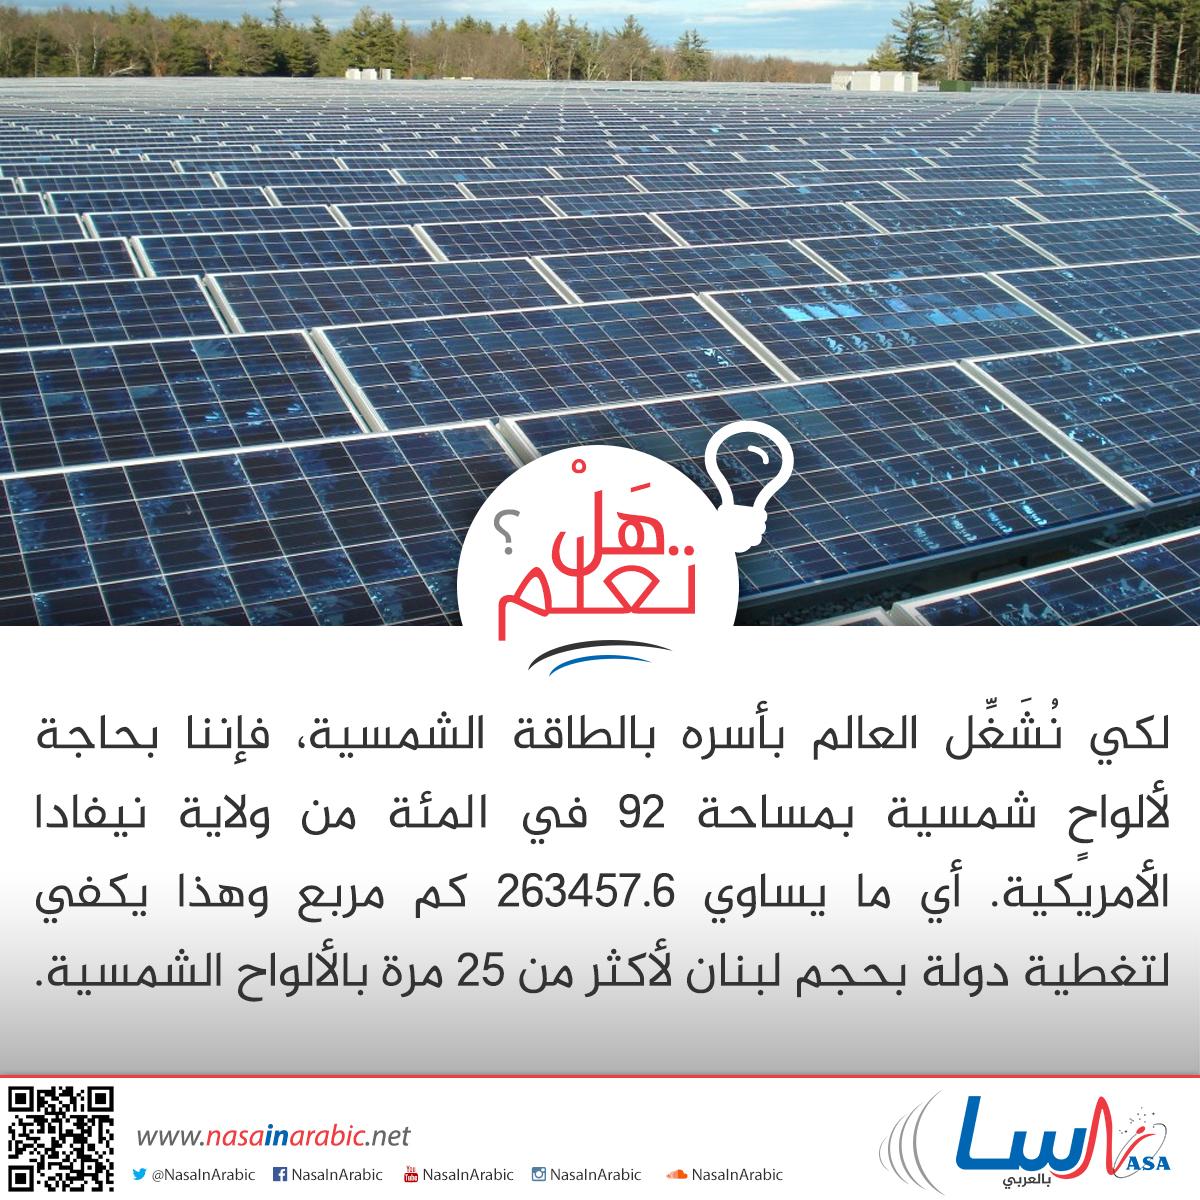 تشغيل العالم بالطاقة الشمسية